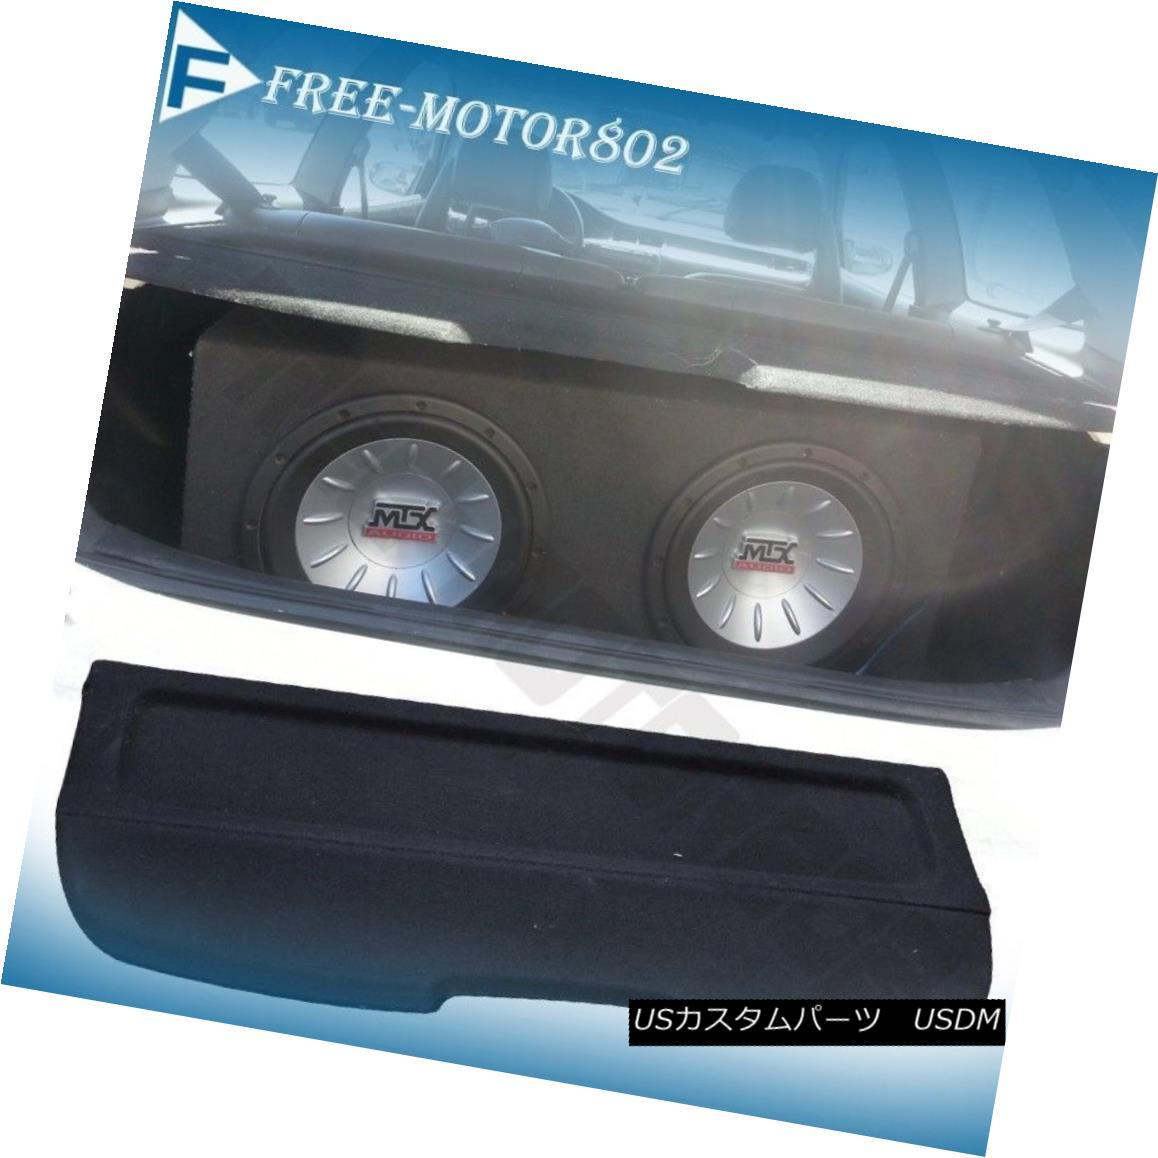 エアロパーツ Fit 92-95 Honda Civic Hatchback Black Rear Cargo Security Cover Sun Shade フィット92-95ホンダシビックハッチバックブラックリアカーゴセキュリティカバーサンシェード